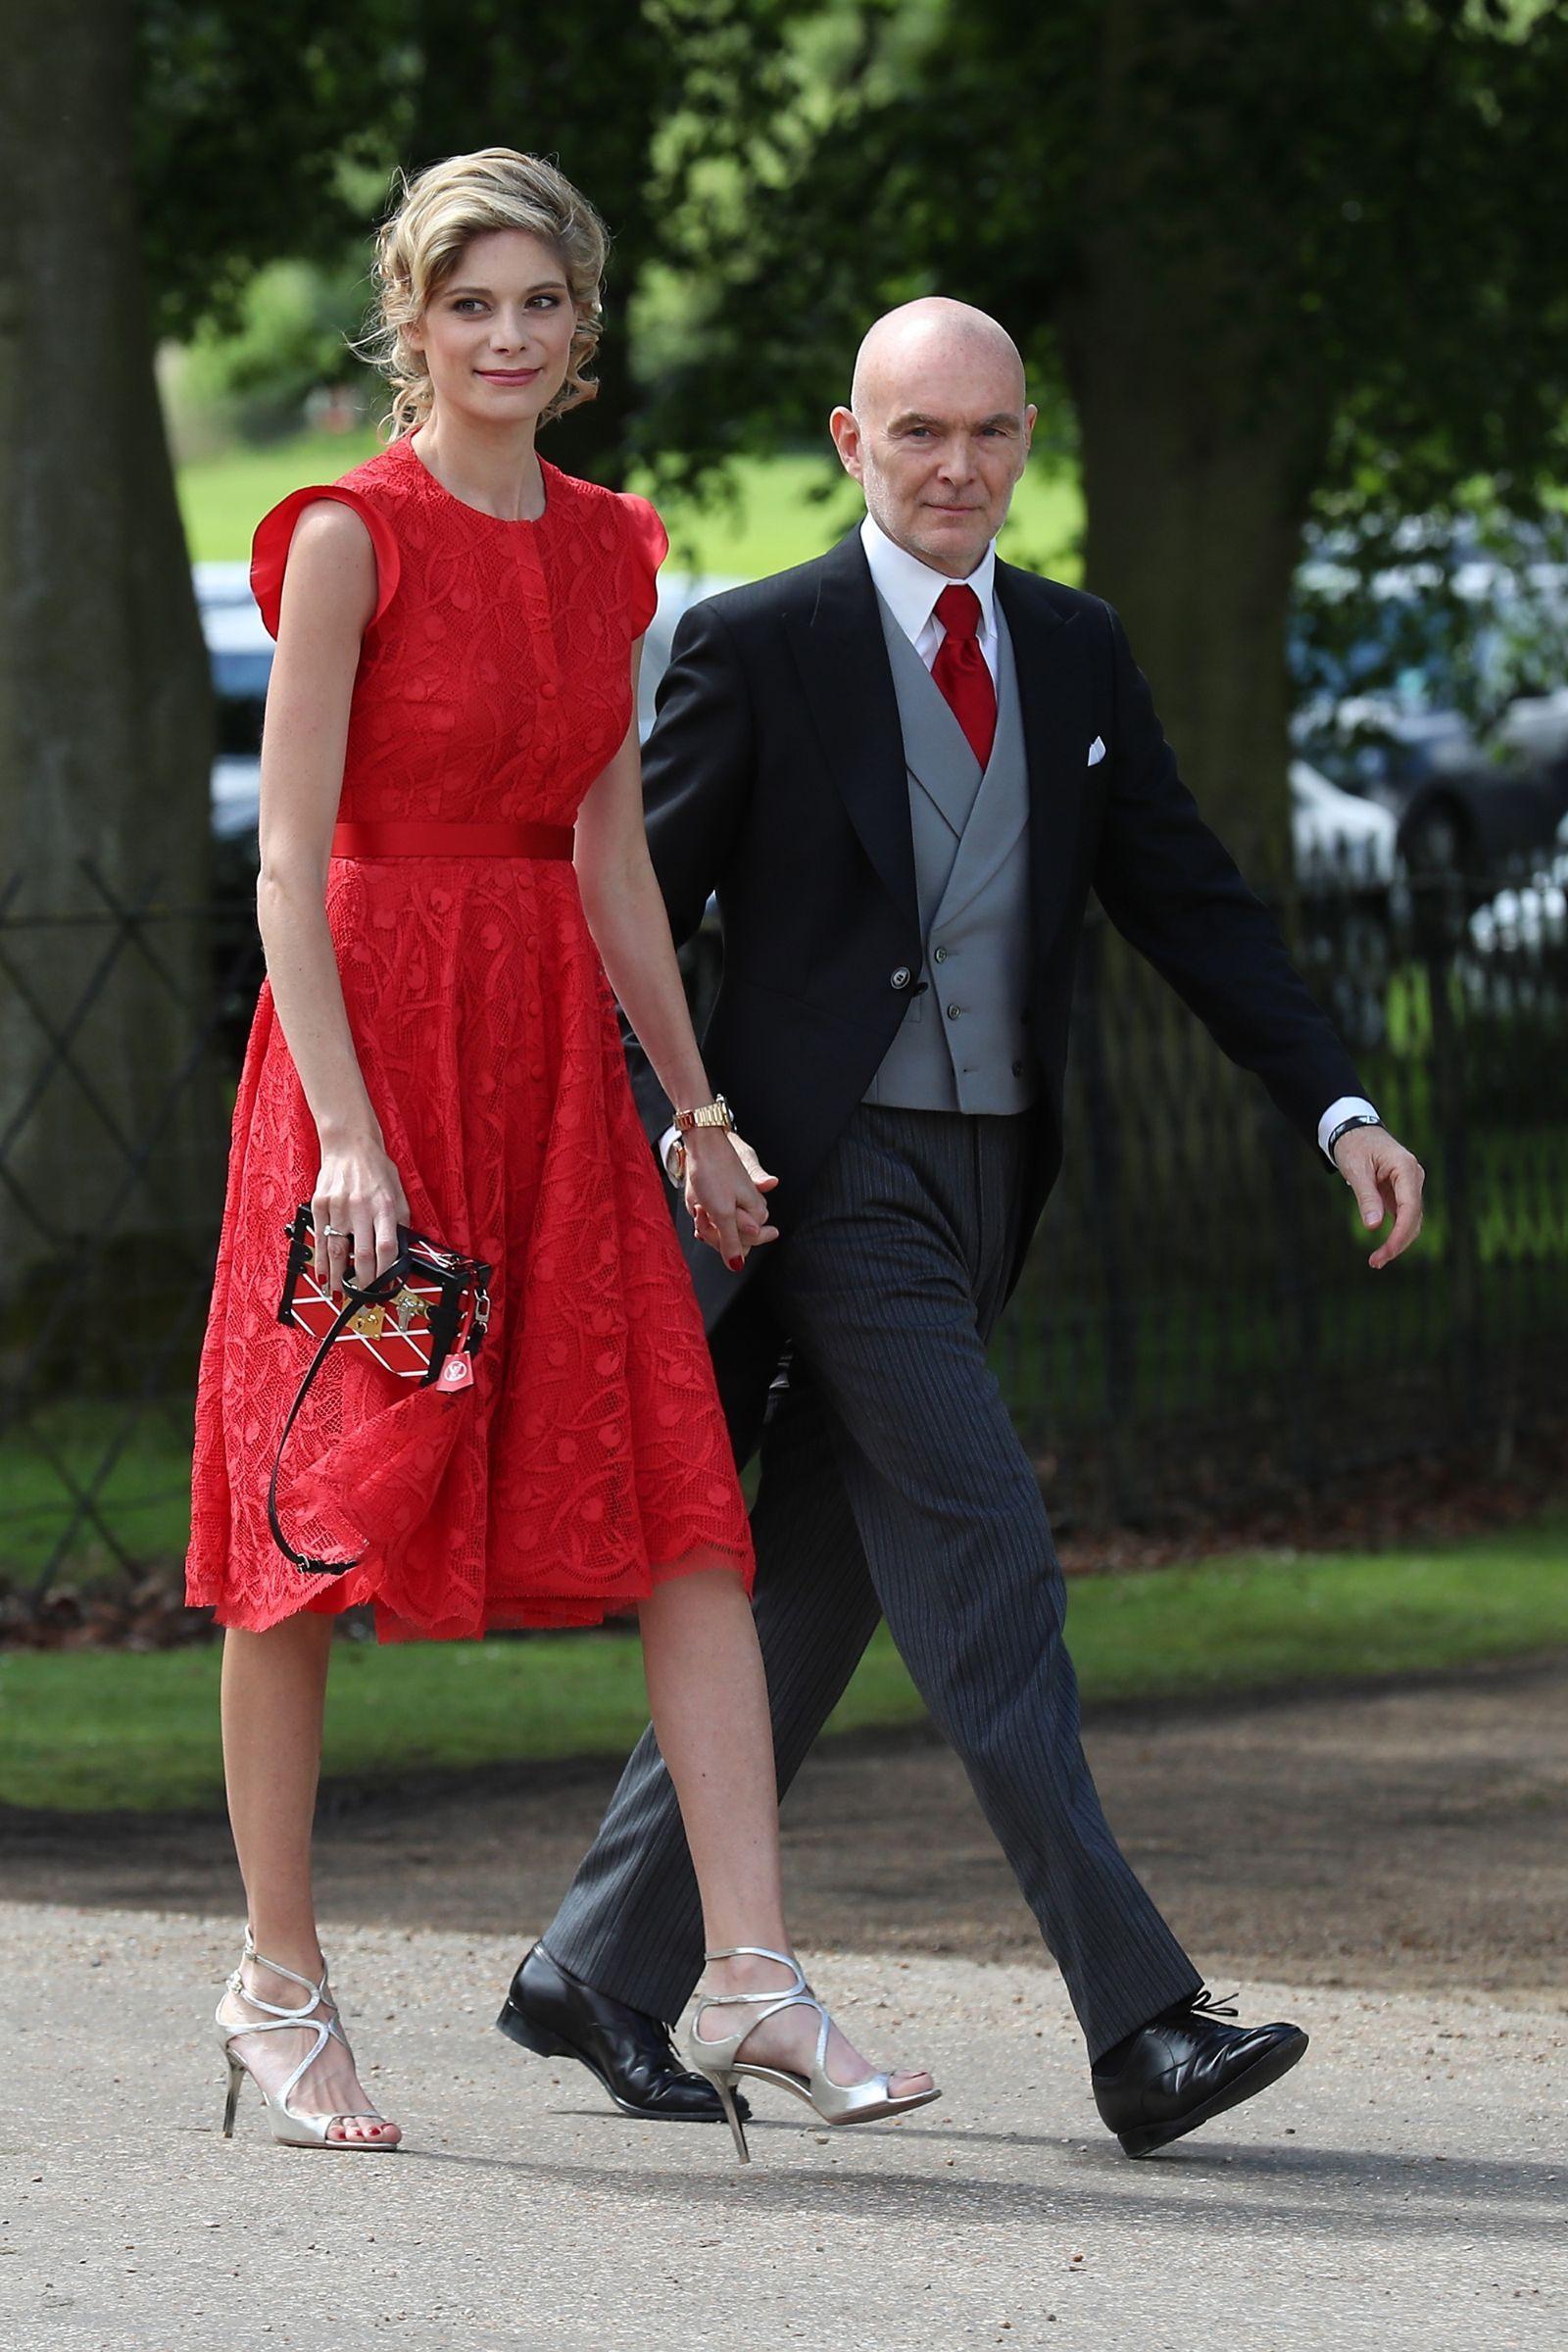 Rotes Kleid Hochzeit Gast Bedeutung